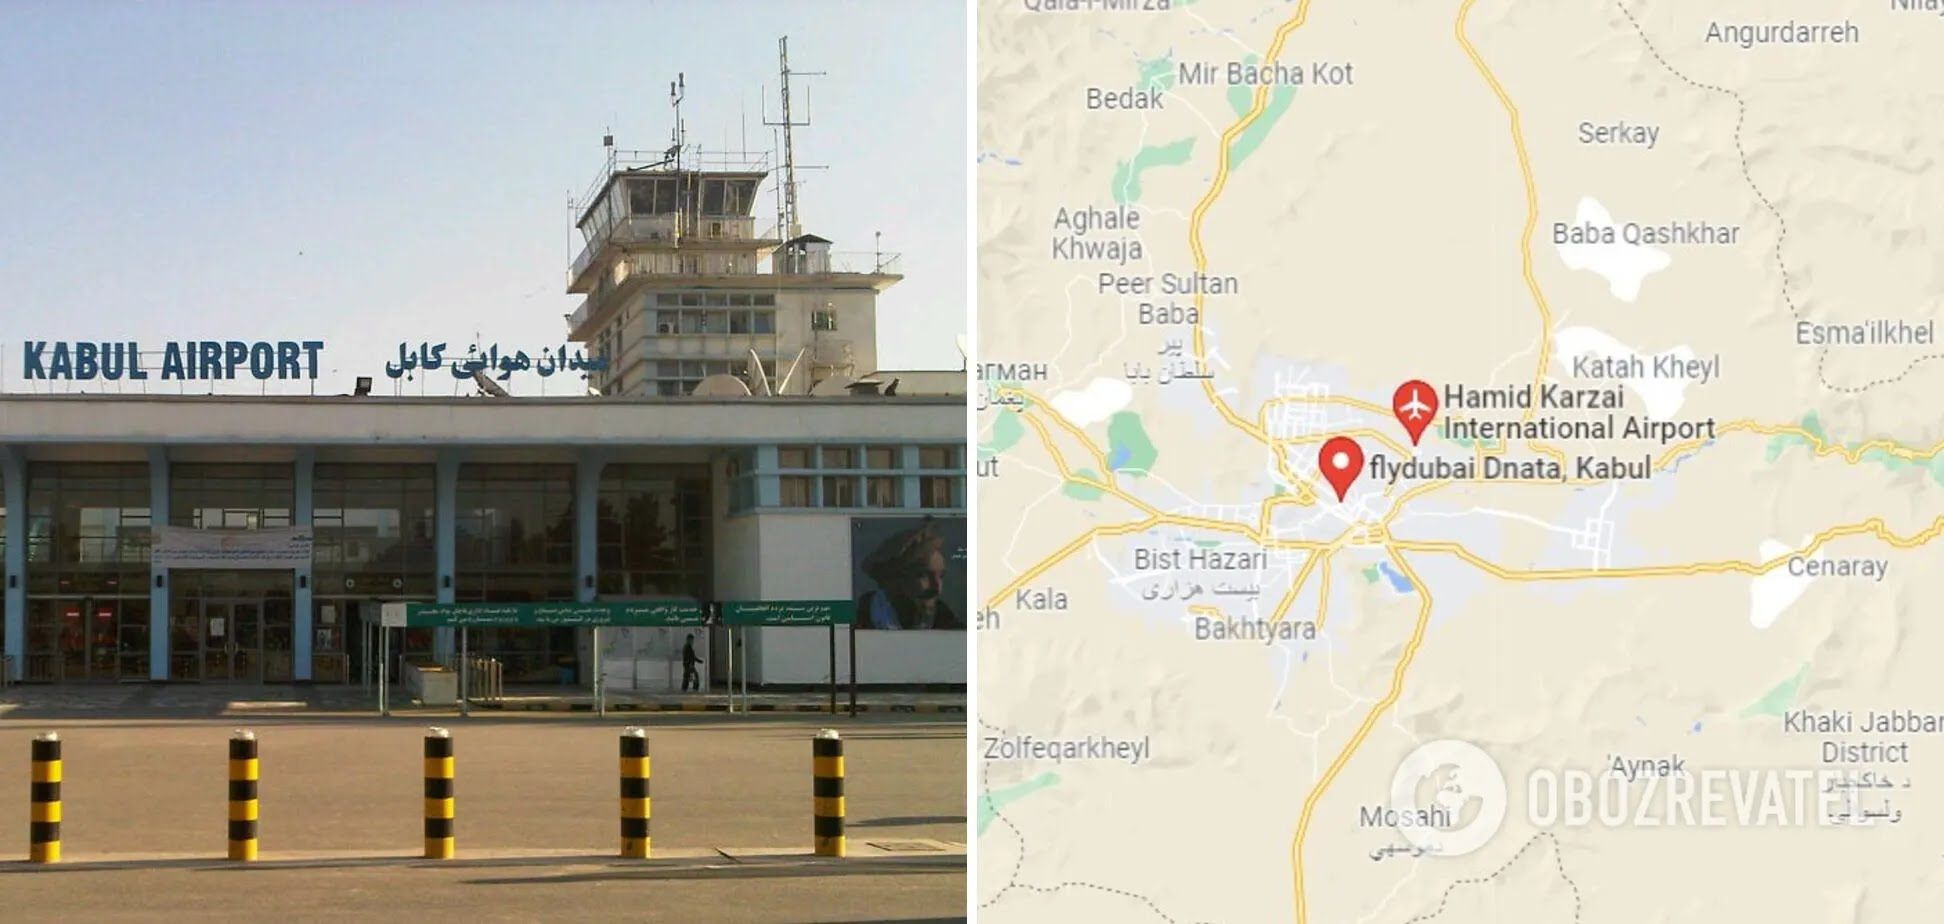 Украинский самолет две на этот раз дважды совершал рейсы в Кабул